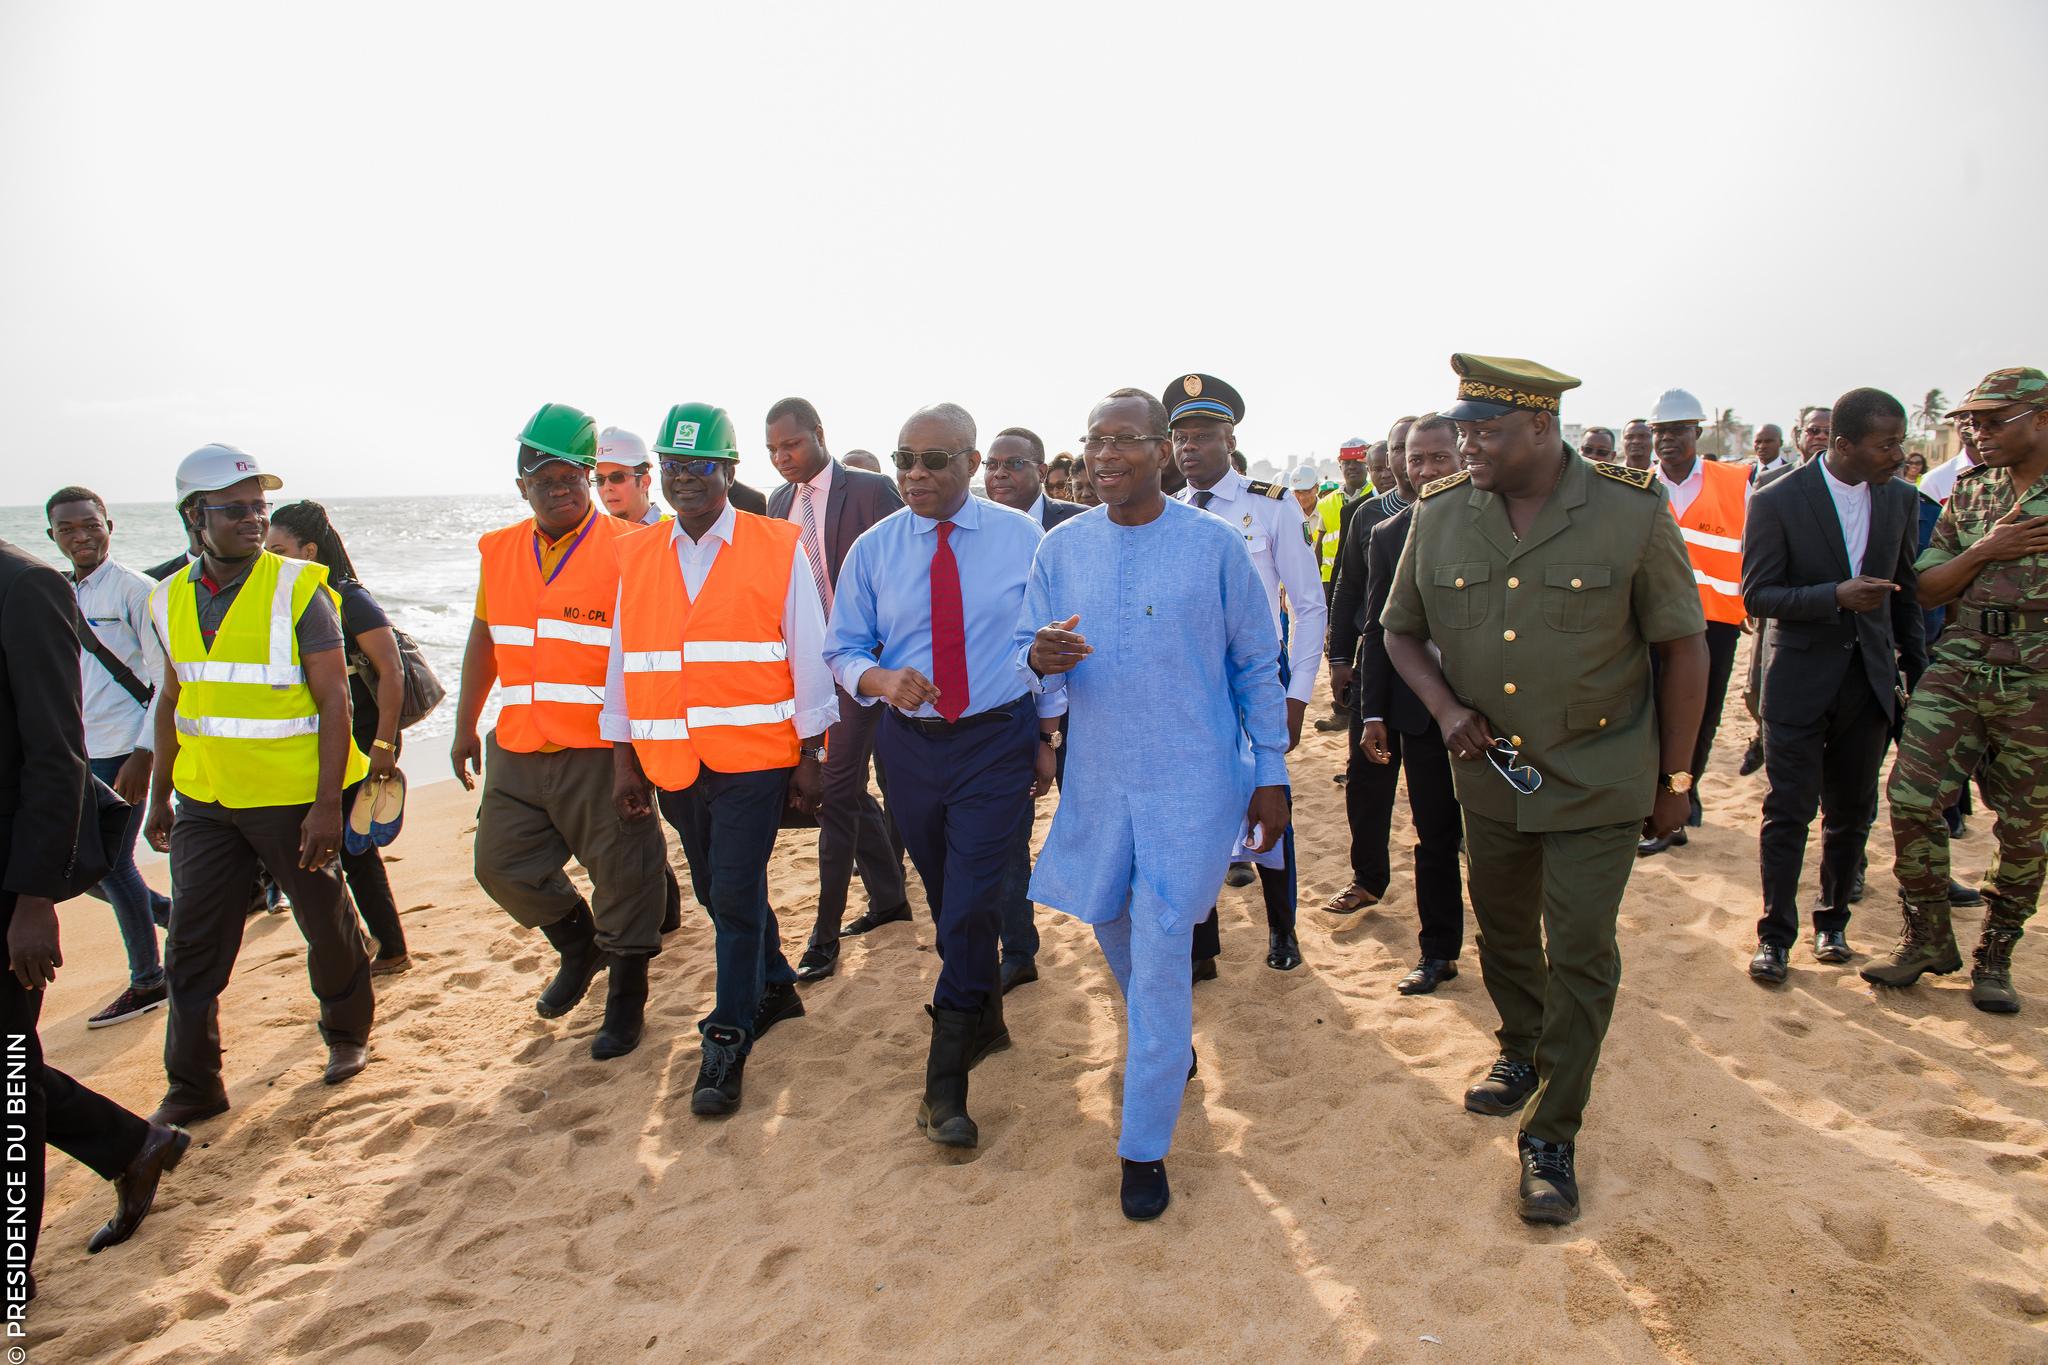 Visite de terrain de S.E.M Patrice Talon sur les chantiers de protection de la berge cotière de Cotonou / Photo : PRÉSIDENCE DU BÉNIN